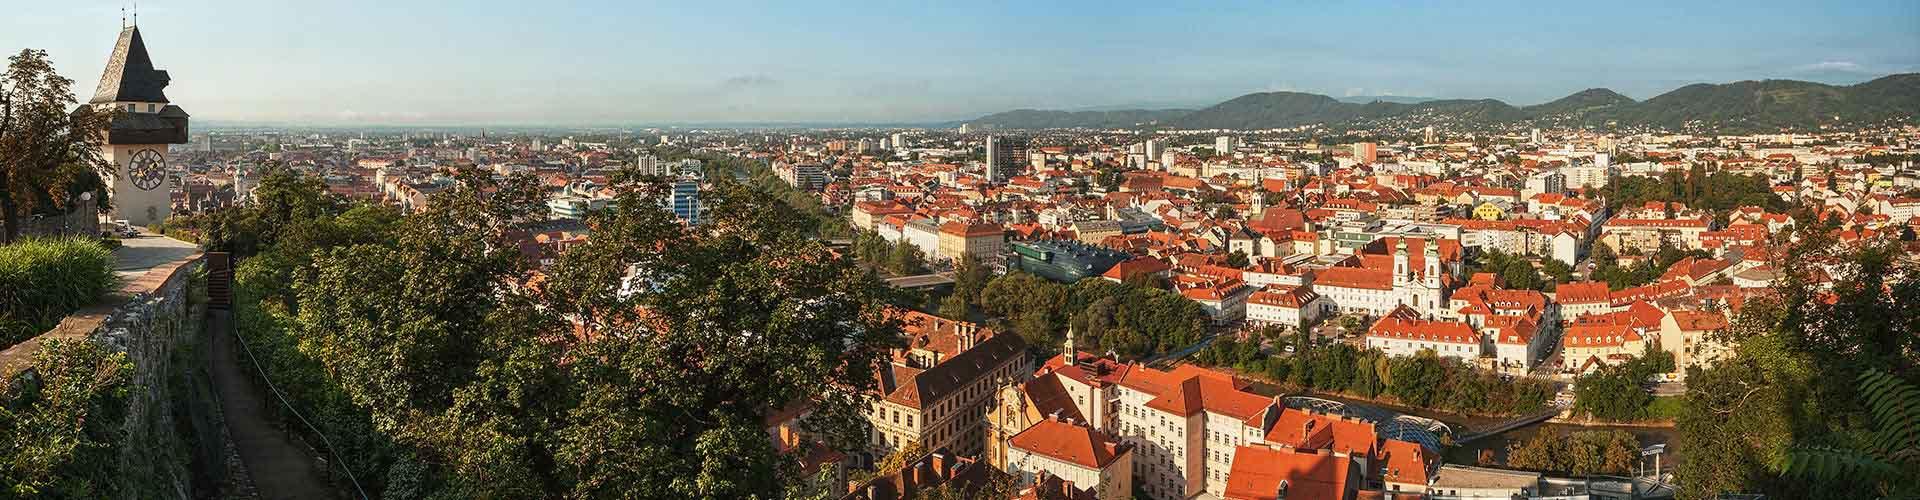 Graz - Hôtels à Graz. Cartes pour Graz, photos et commentaires pour chaque hôtel à Graz.